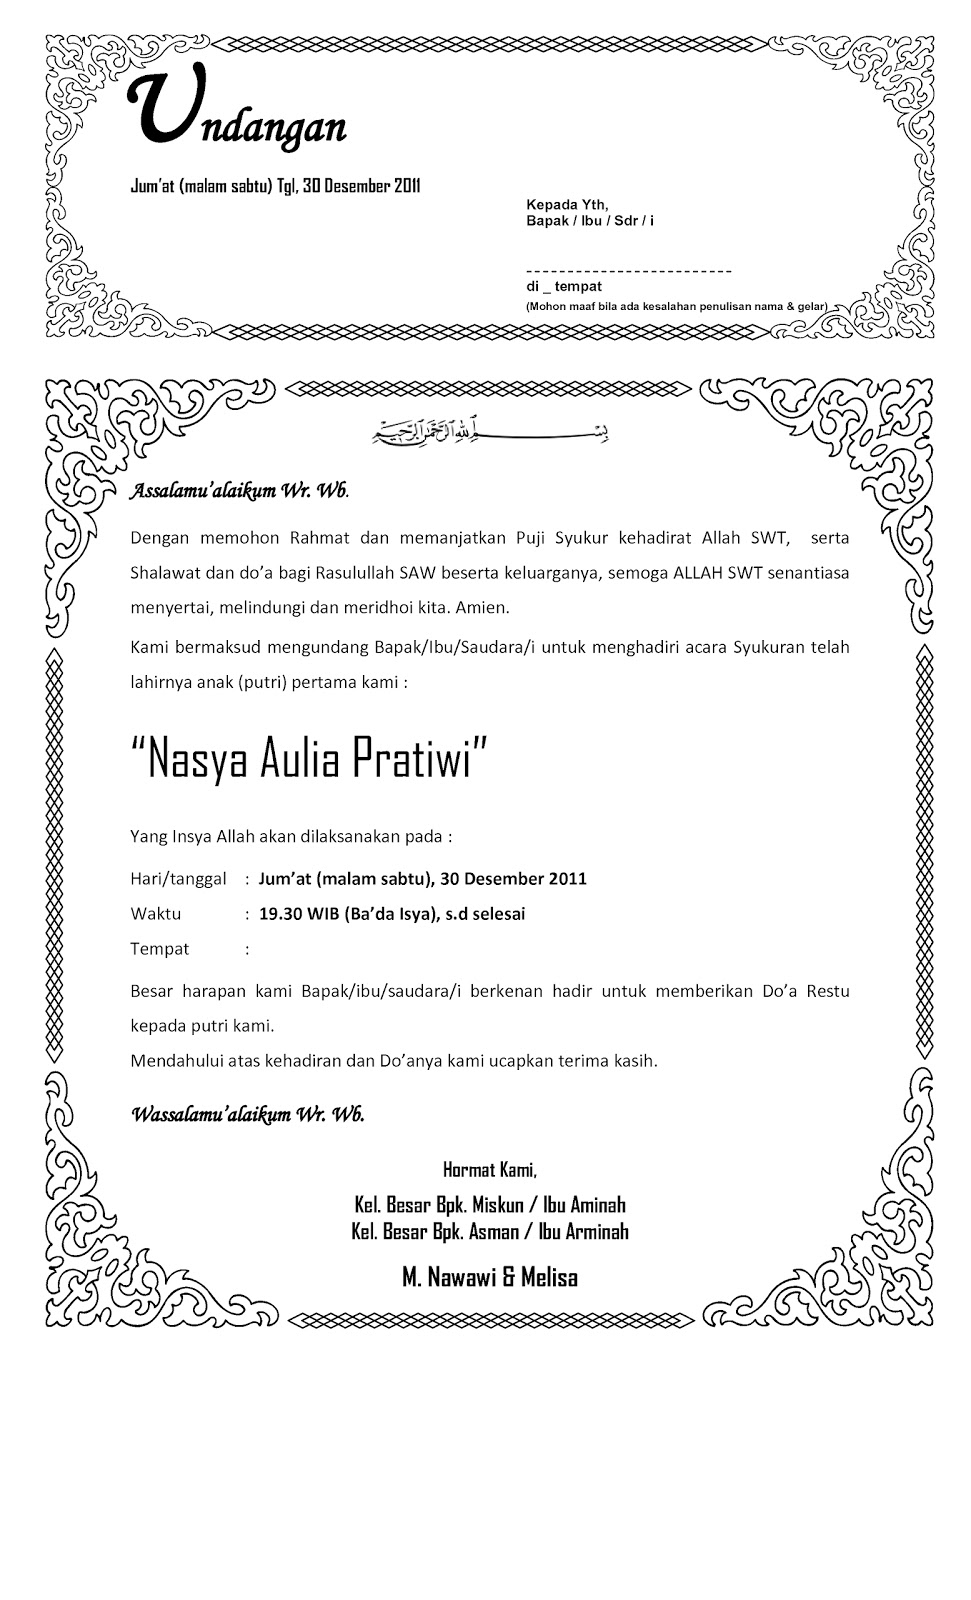 contoh undangan kelahiran bayi dalam bahasa inggris